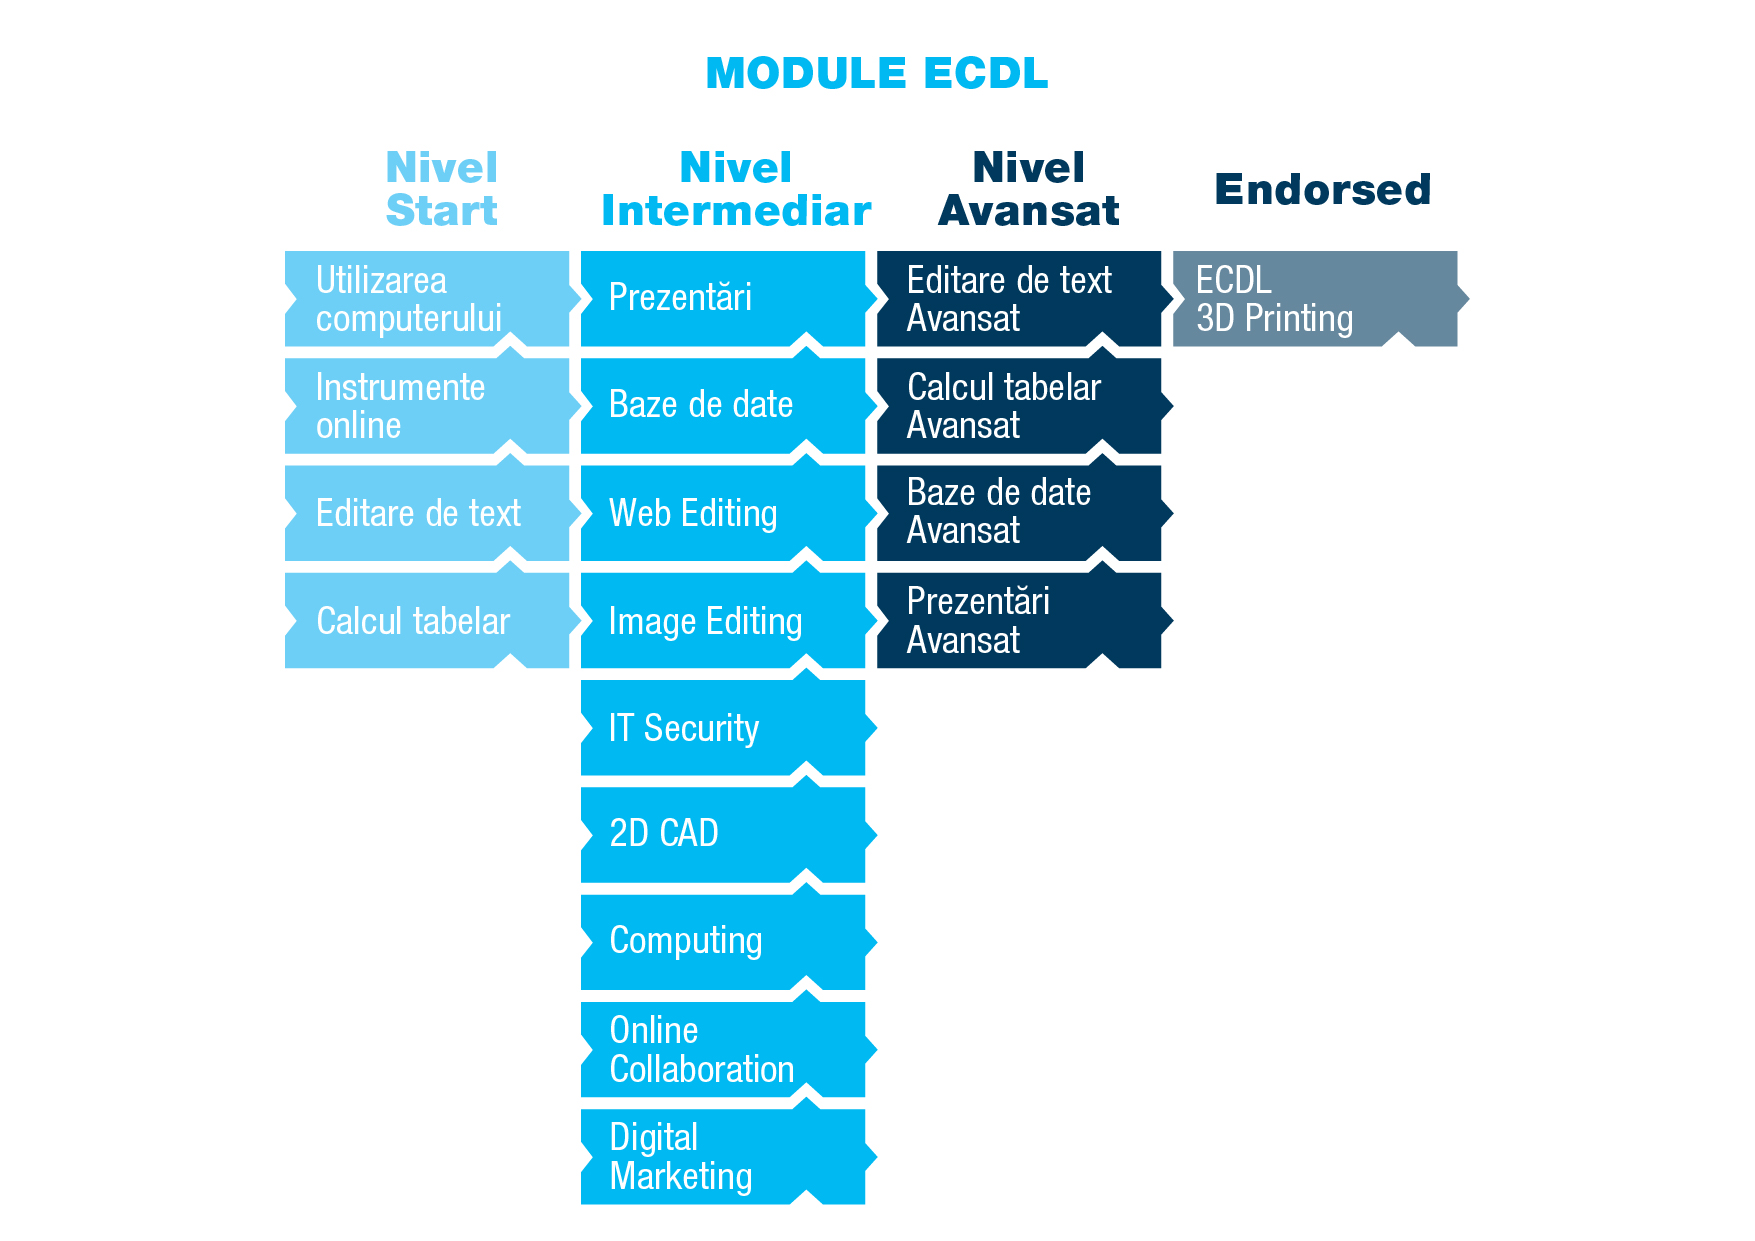 ECDL_2017_23_SchemeCertificare_v01_ModuleECDL